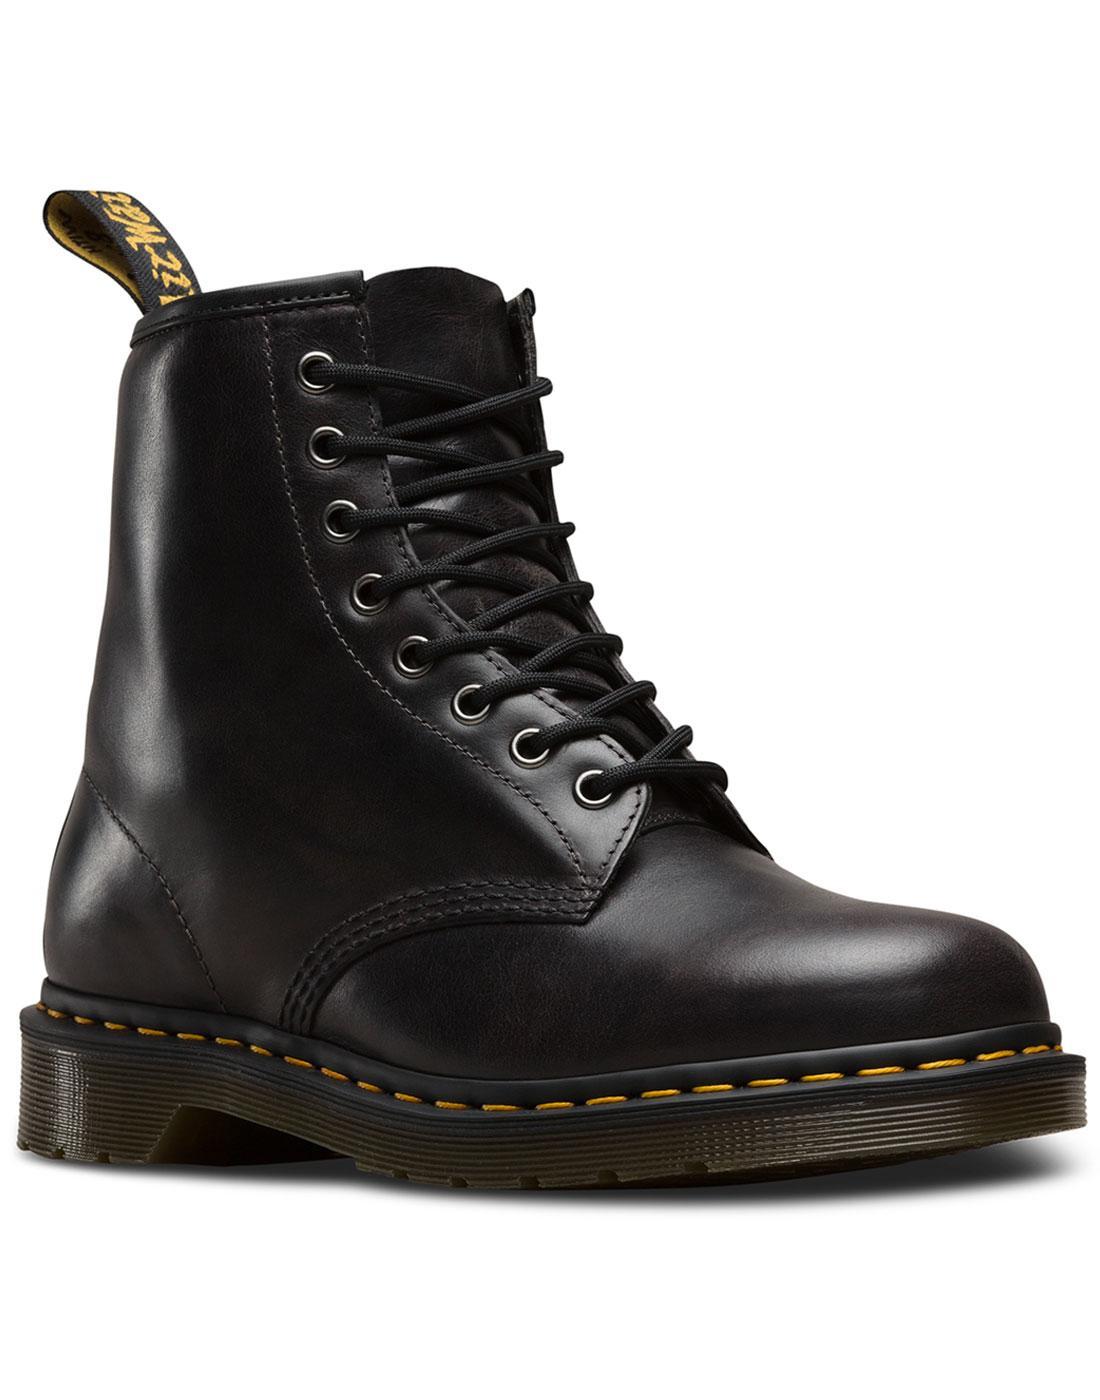 1460 Orleans DR MARTENS Mod 8 Eyelet Boots (GM)